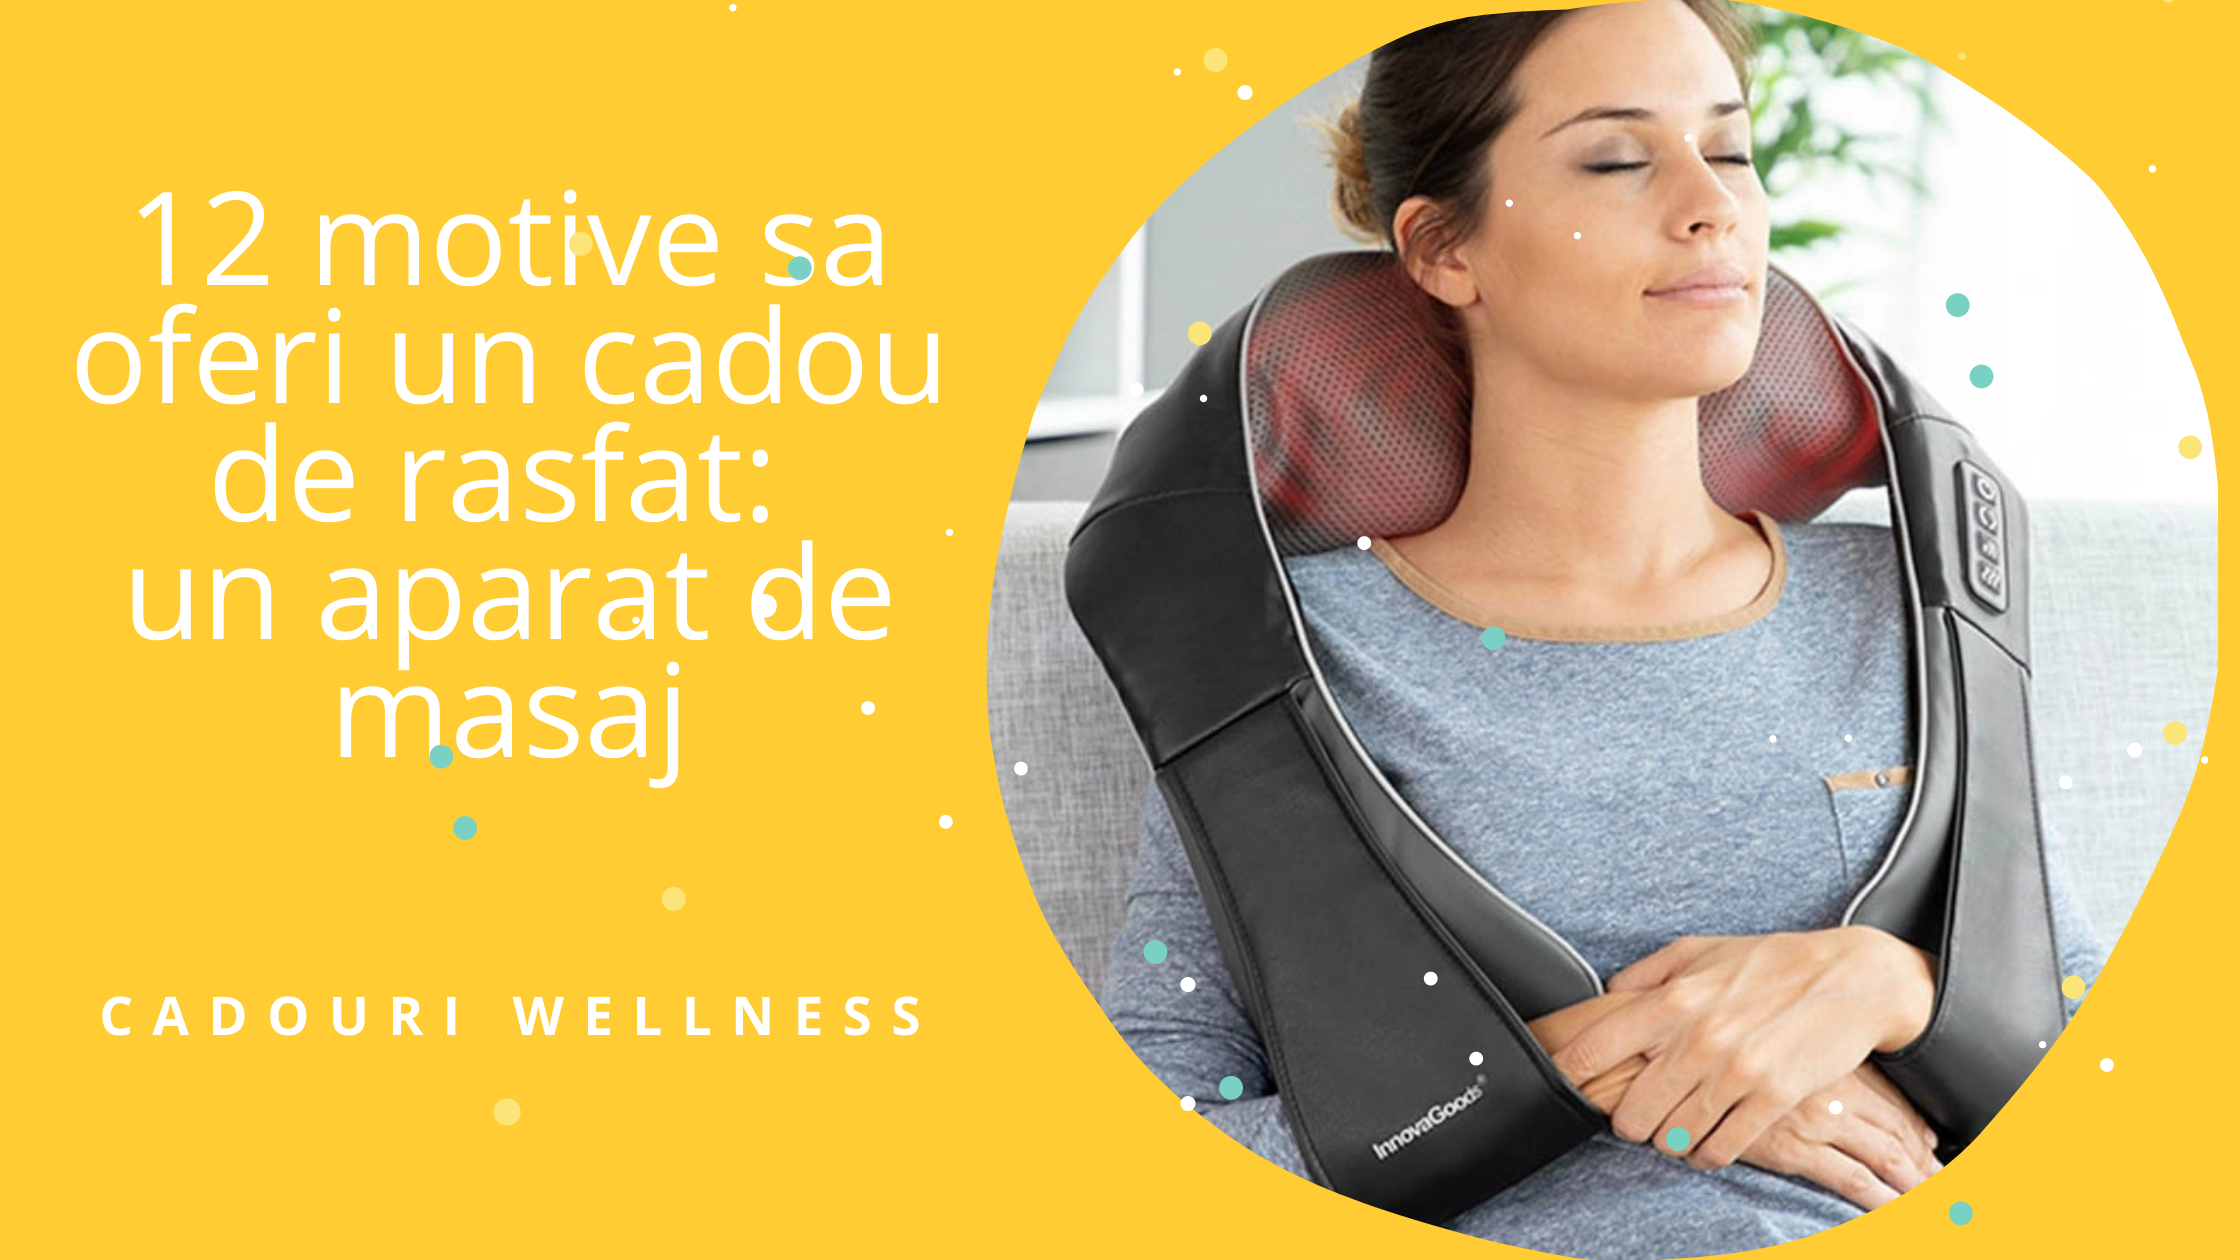 12 motive sa oferi un cadou de rasfat: un aparat de masaj